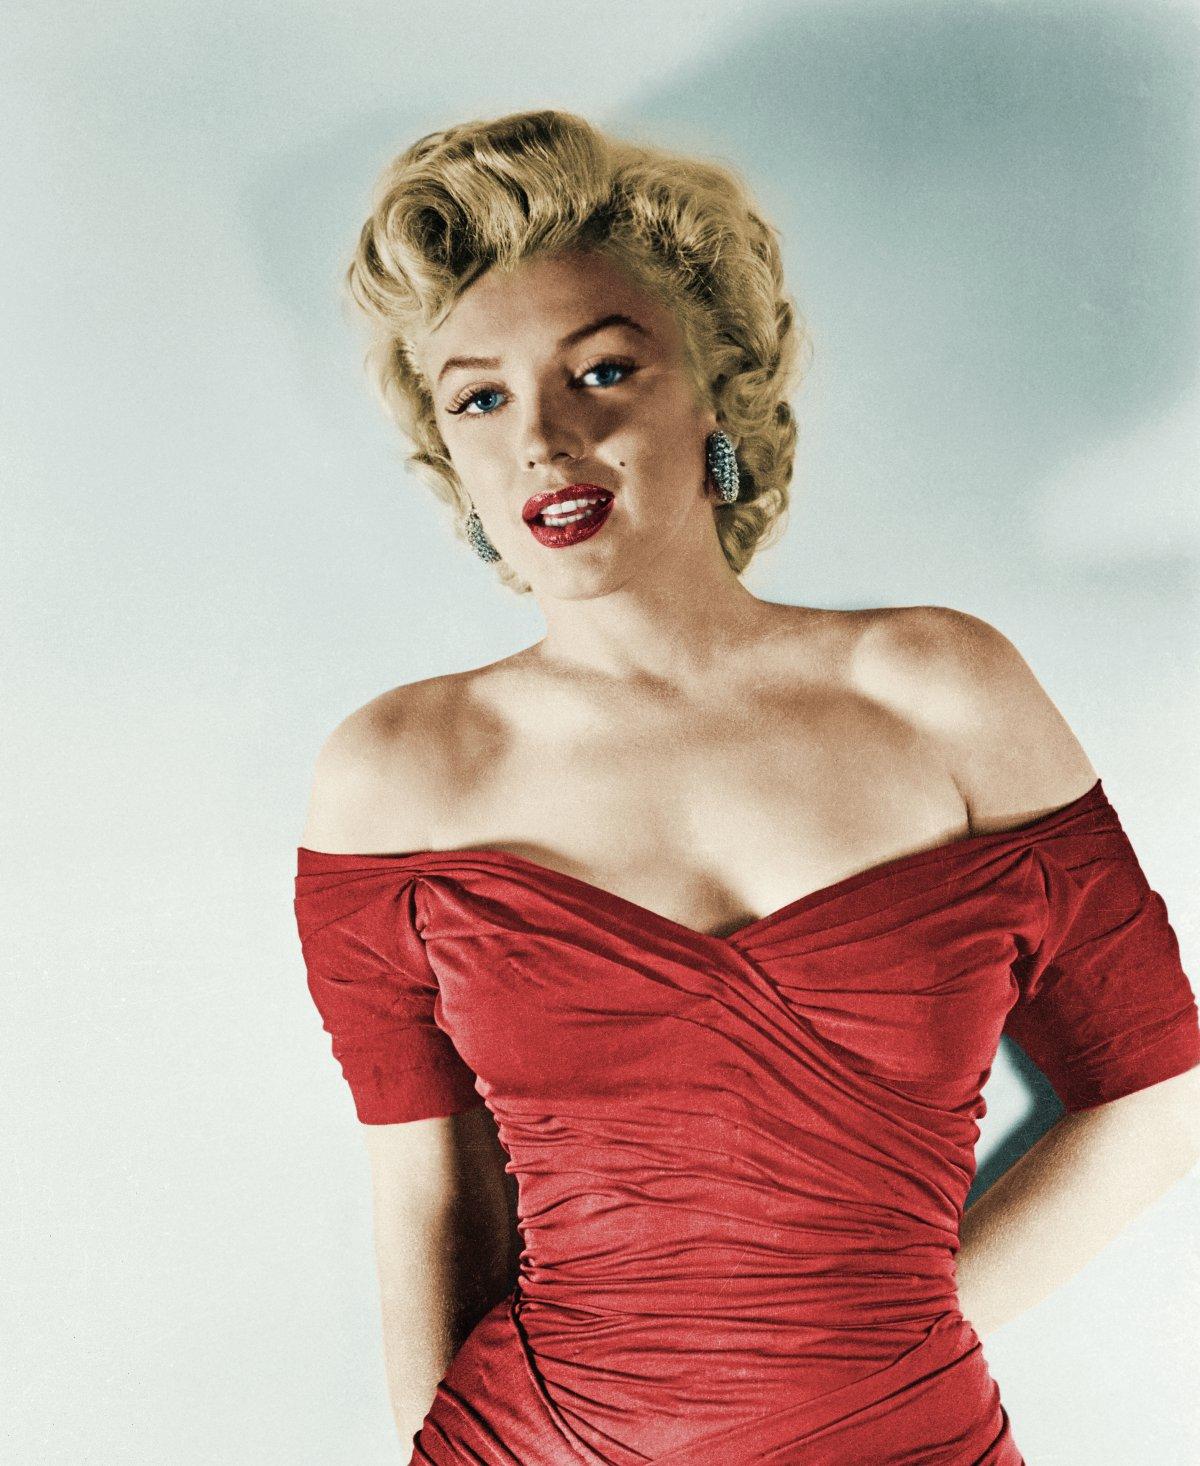 Marilyn Monroe (1926 – 1962) / ¿Sobredosis o asesinato?